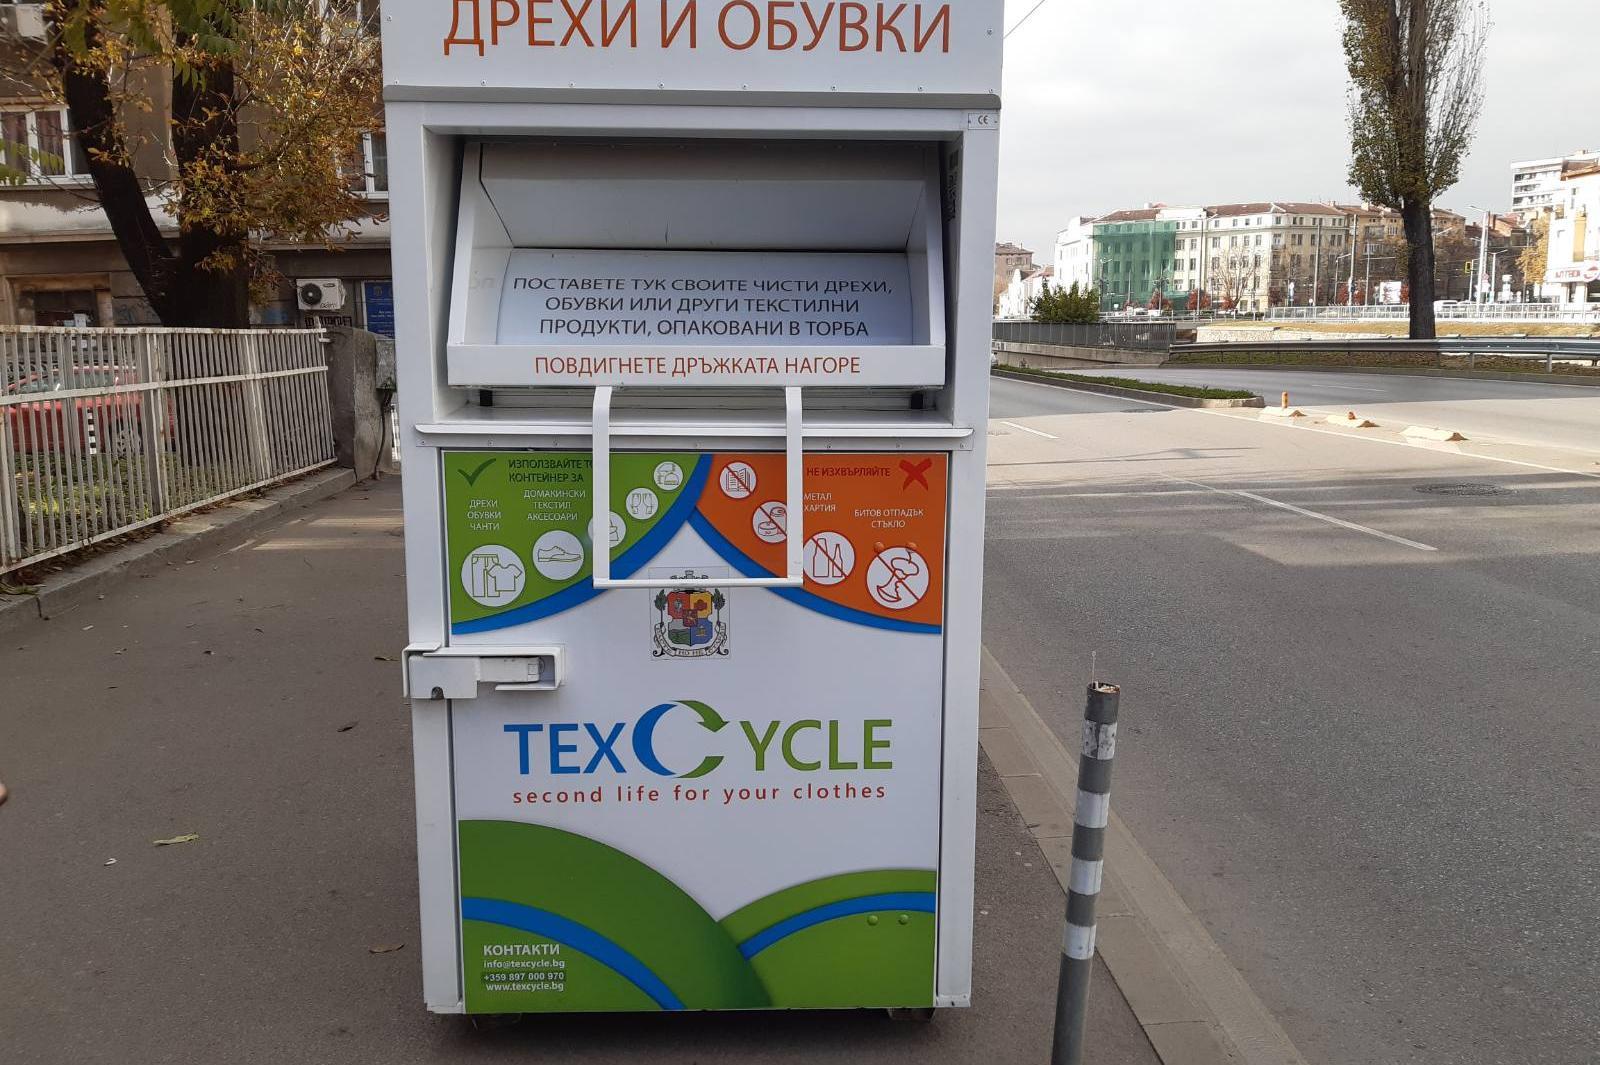 Столичани предадоха 1185 тона текстилни отпадъци